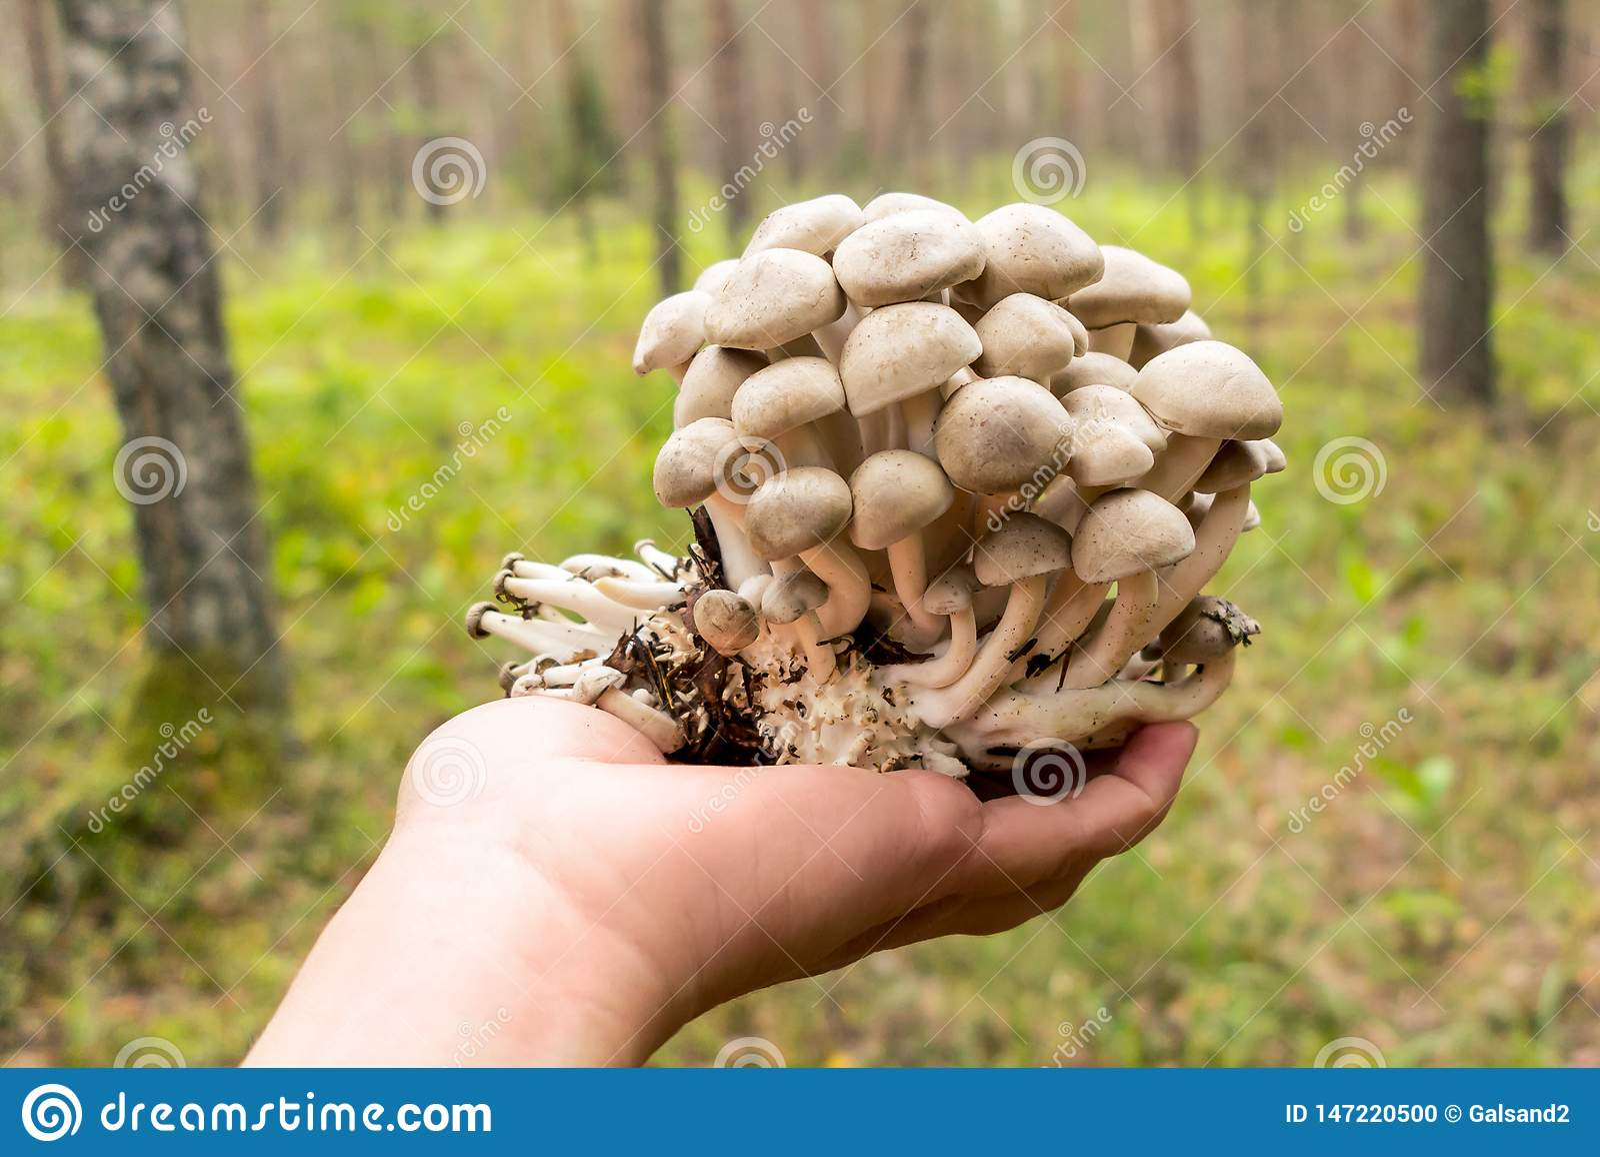 拿着Lyophyllum decastes蘑菇的女性手在秋天森林里